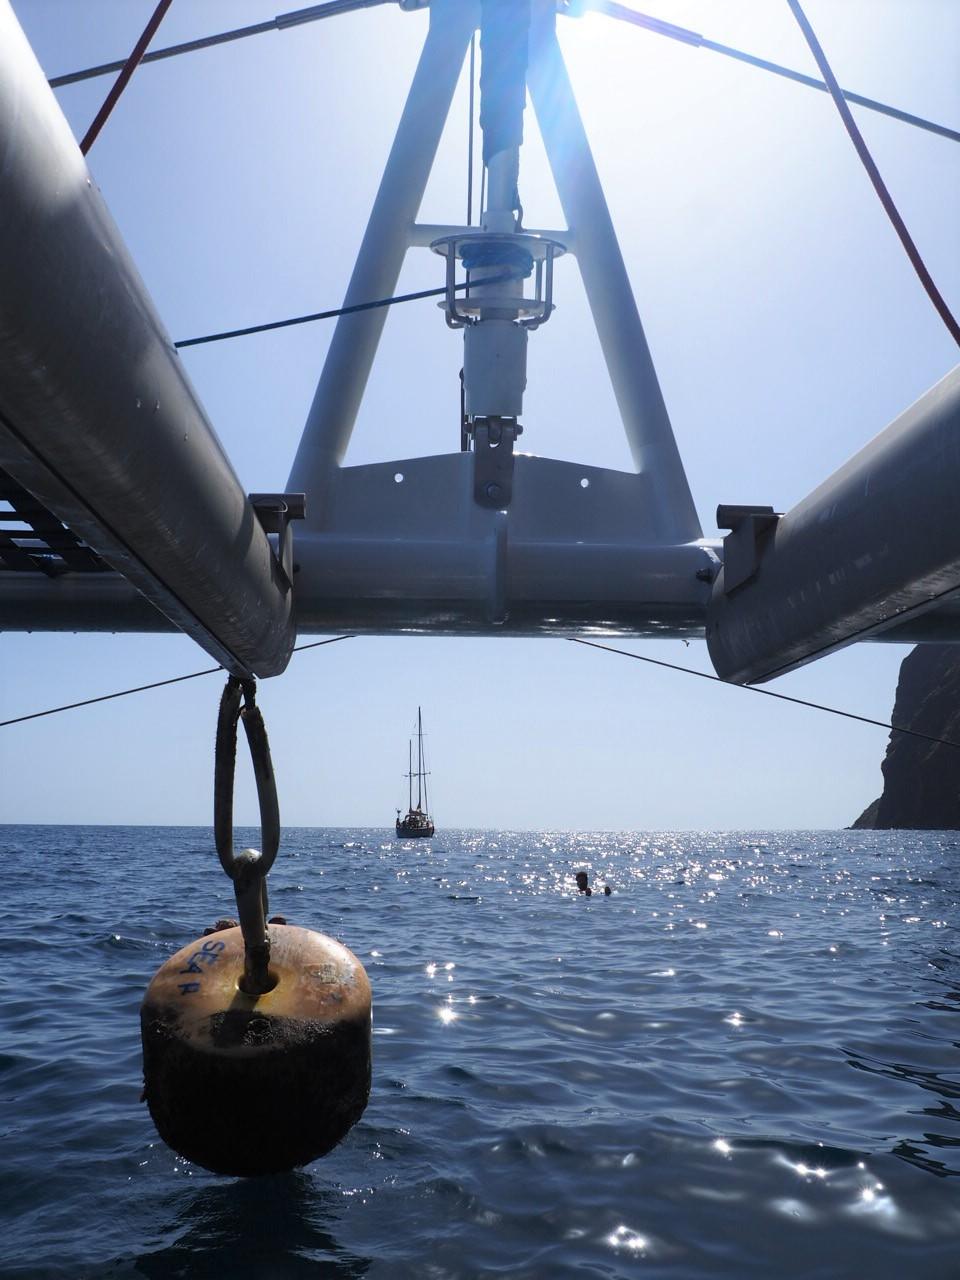 Catamaran Seaborn tour en bateau pour voir les dauphins et baleines